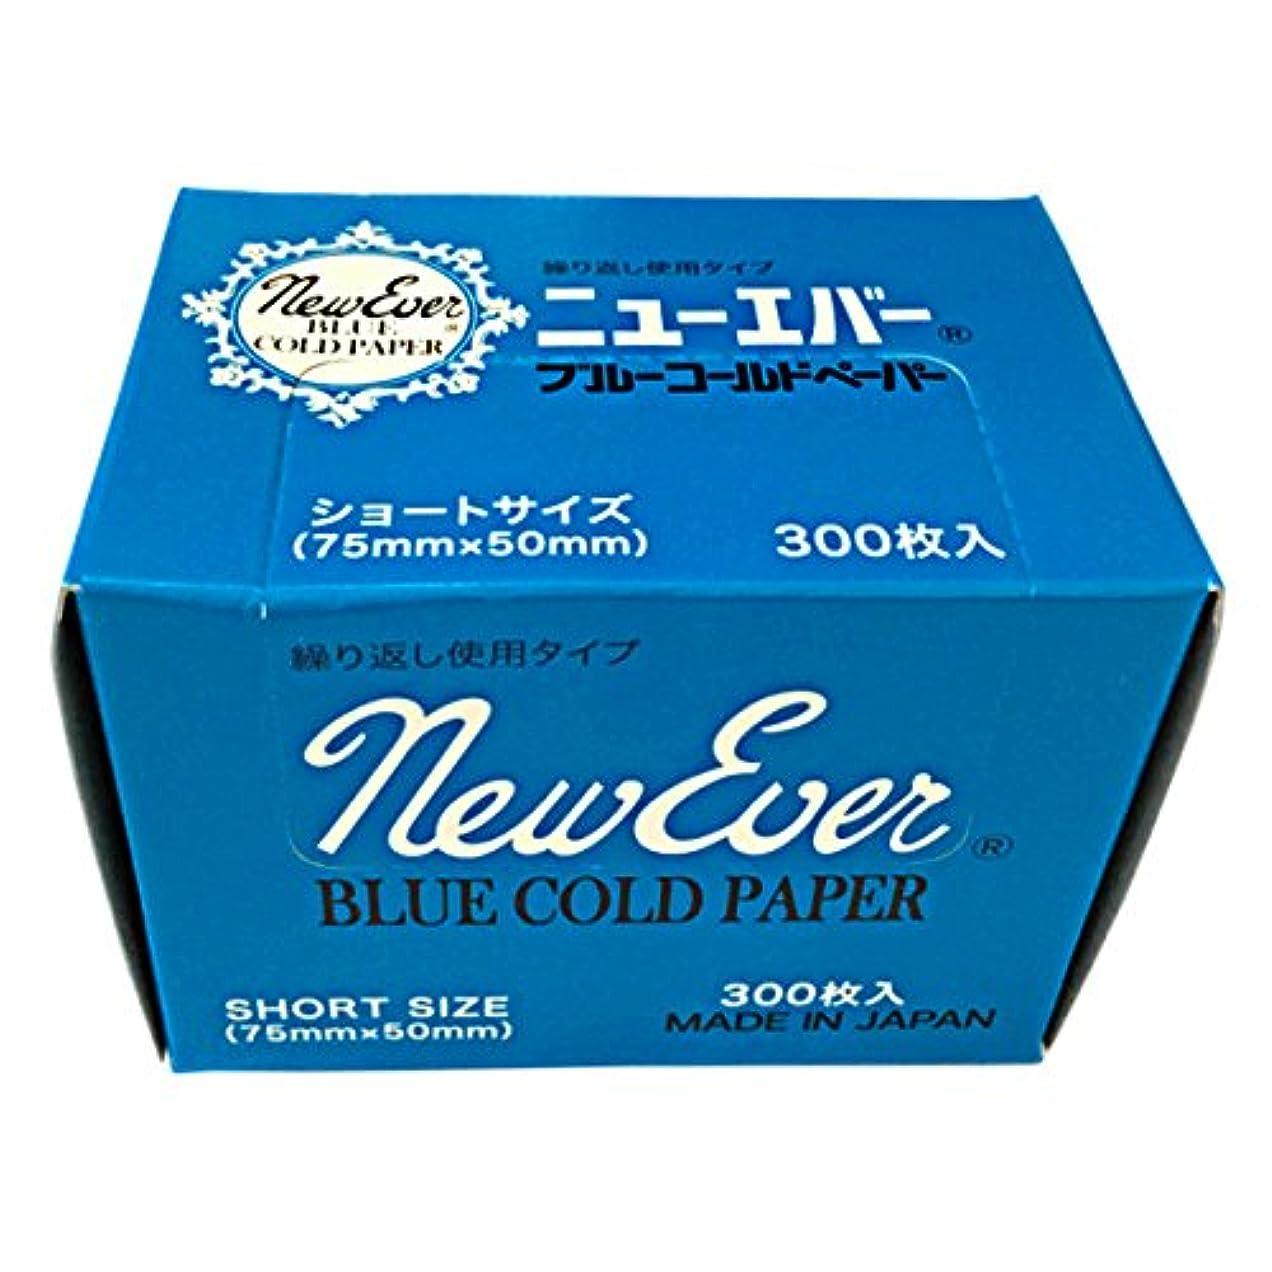 ニューエバー ショートP 300枚 ブルー